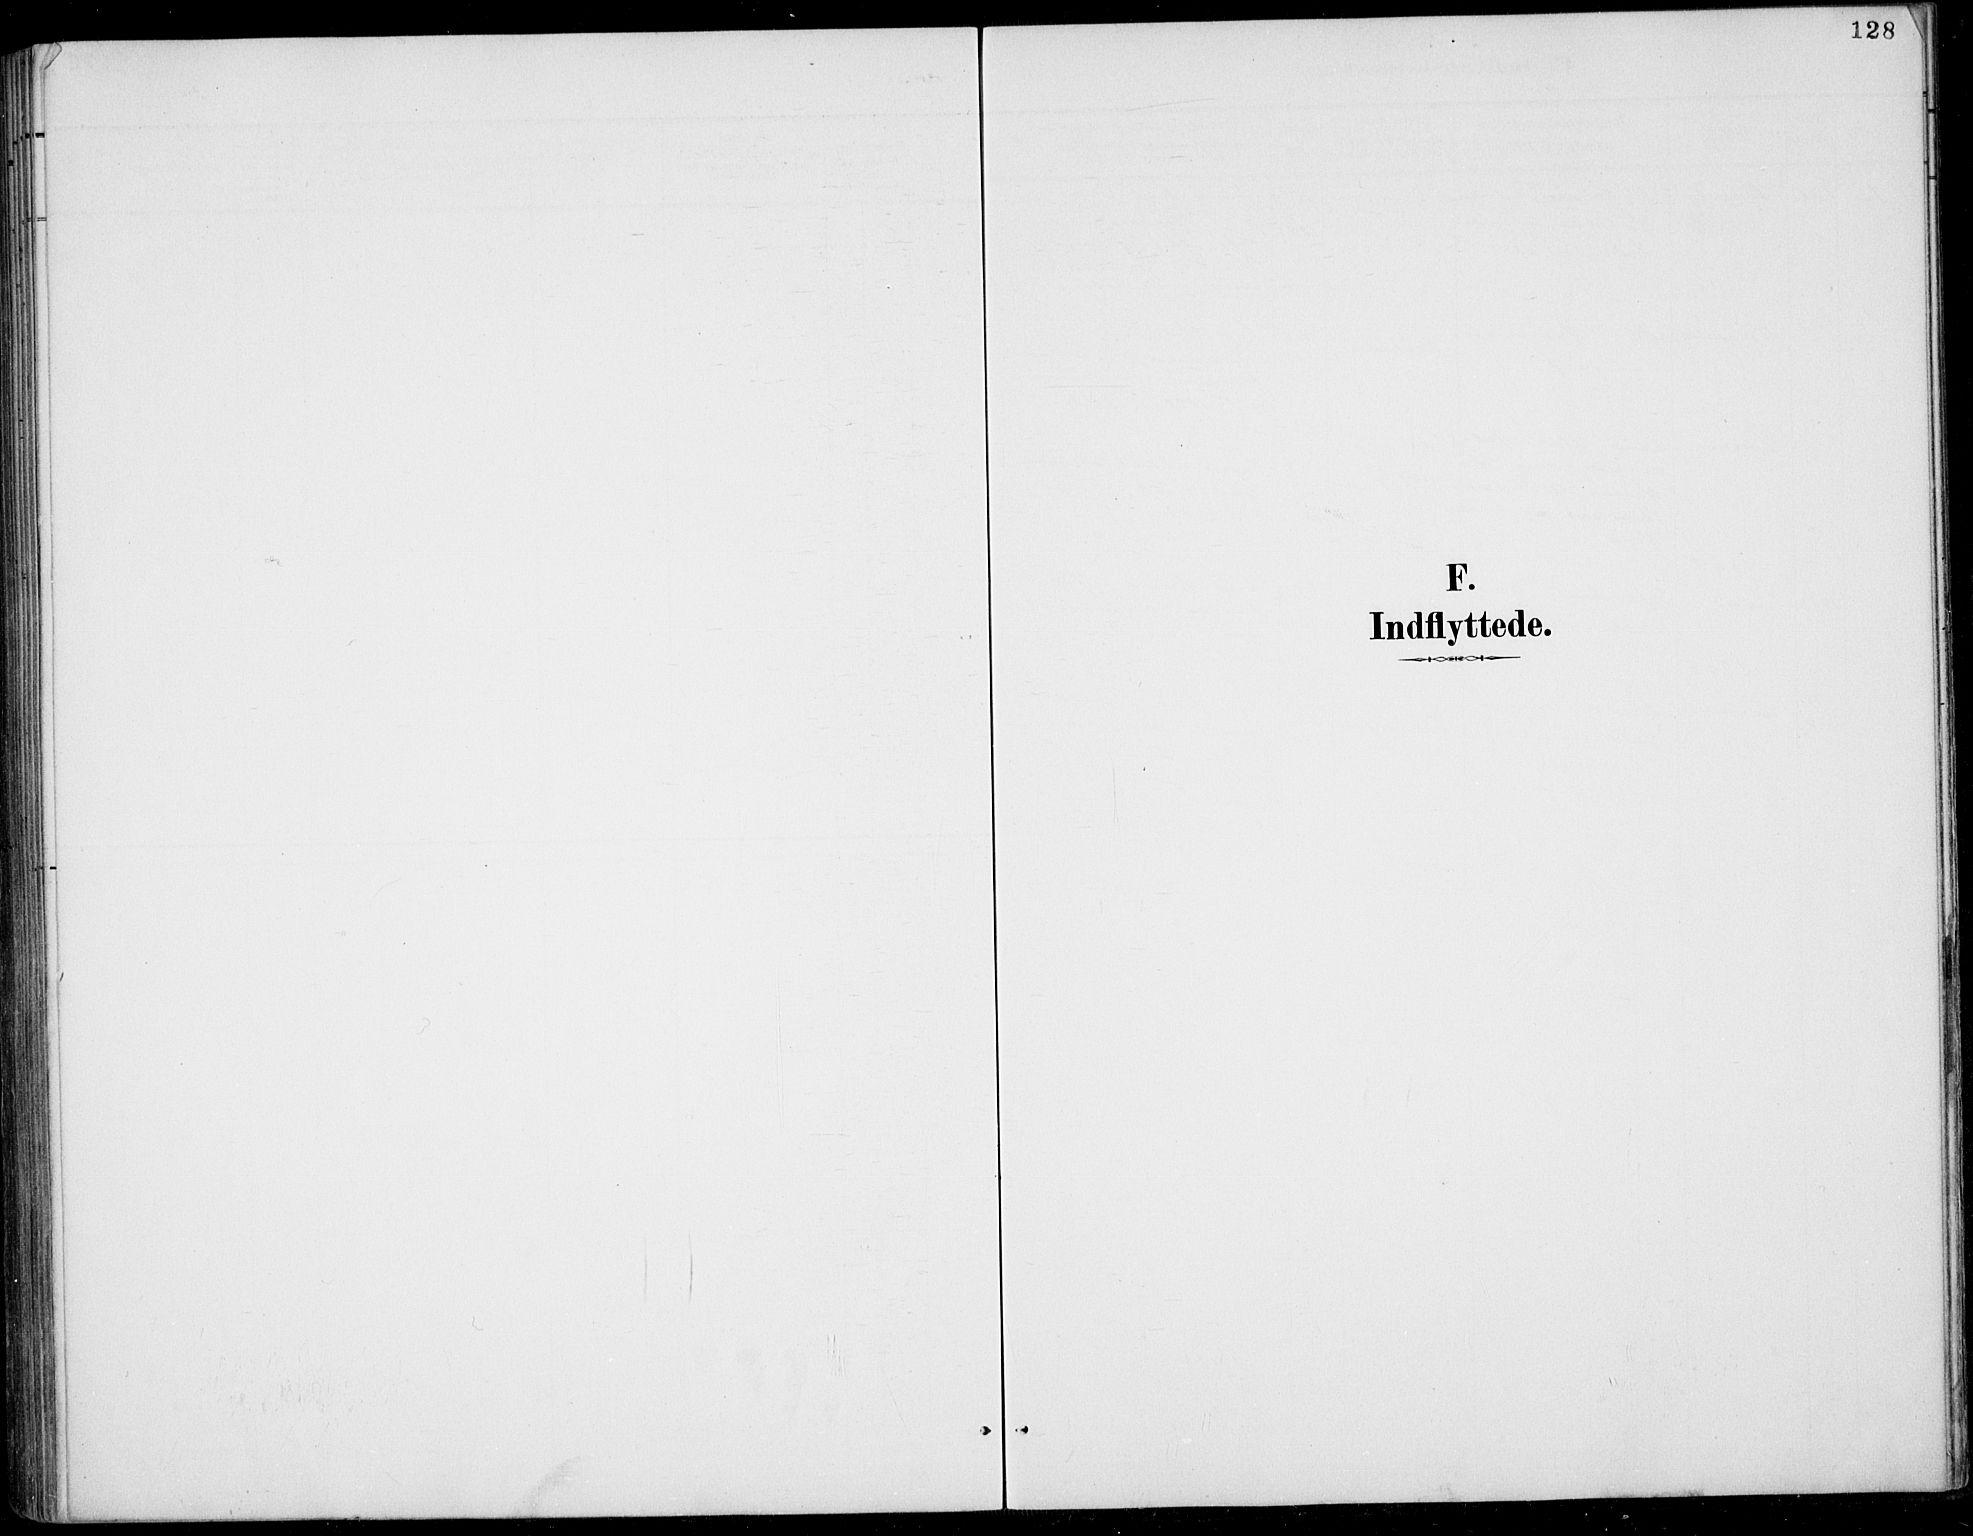 SAKO, Rauland kirkebøker, G/Gb/L0002: Klokkerbok nr. II 2, 1887-1937, s. 128